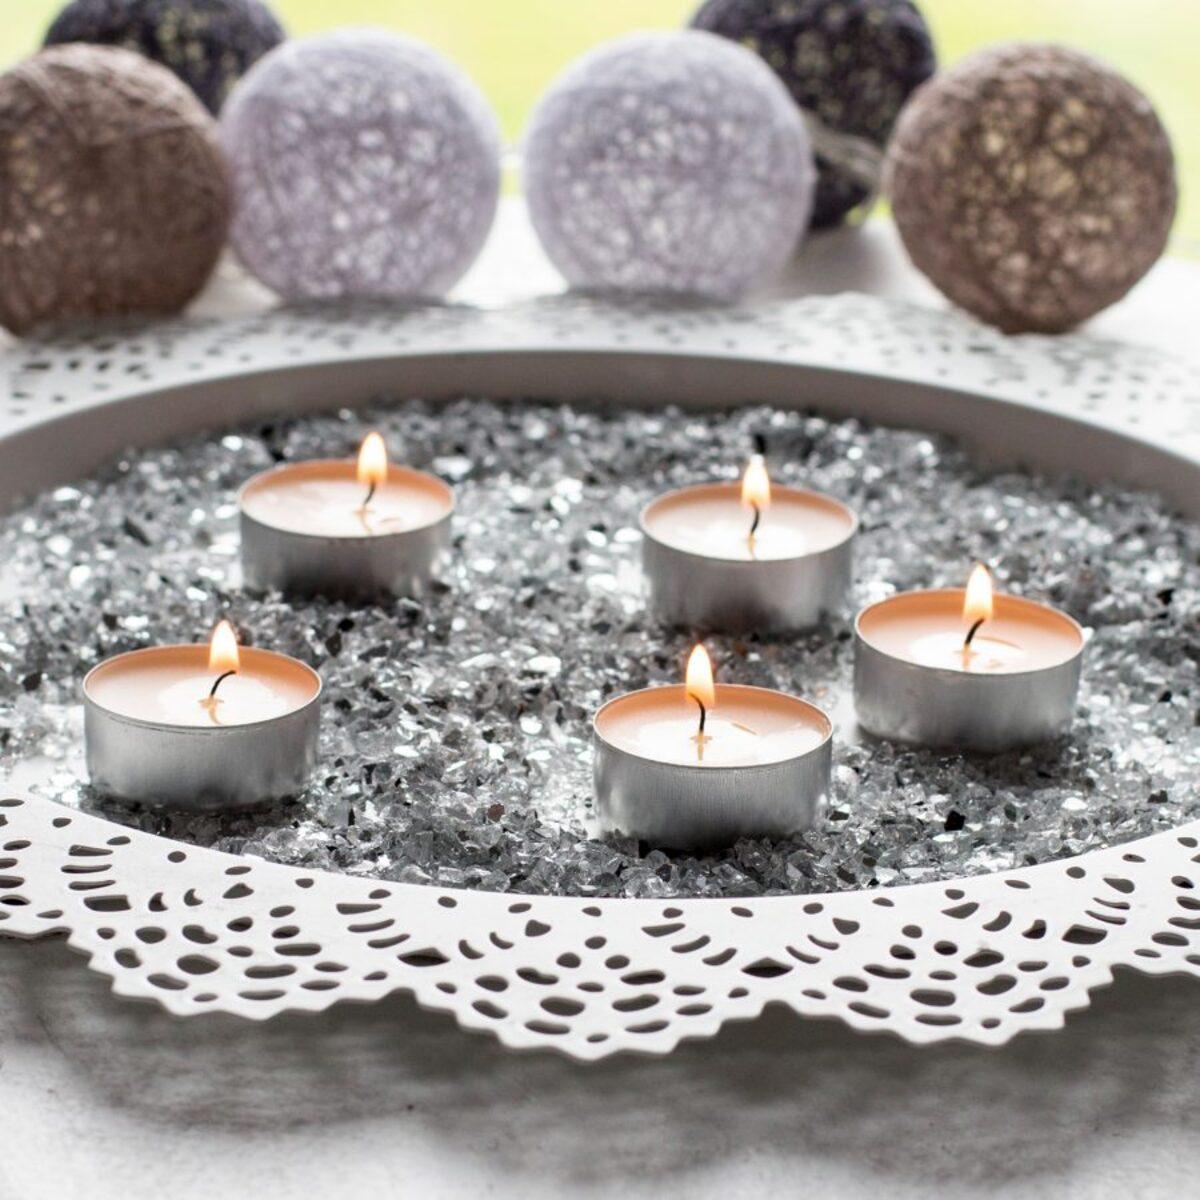 Bild 2 von LIVING ART     Teelichte